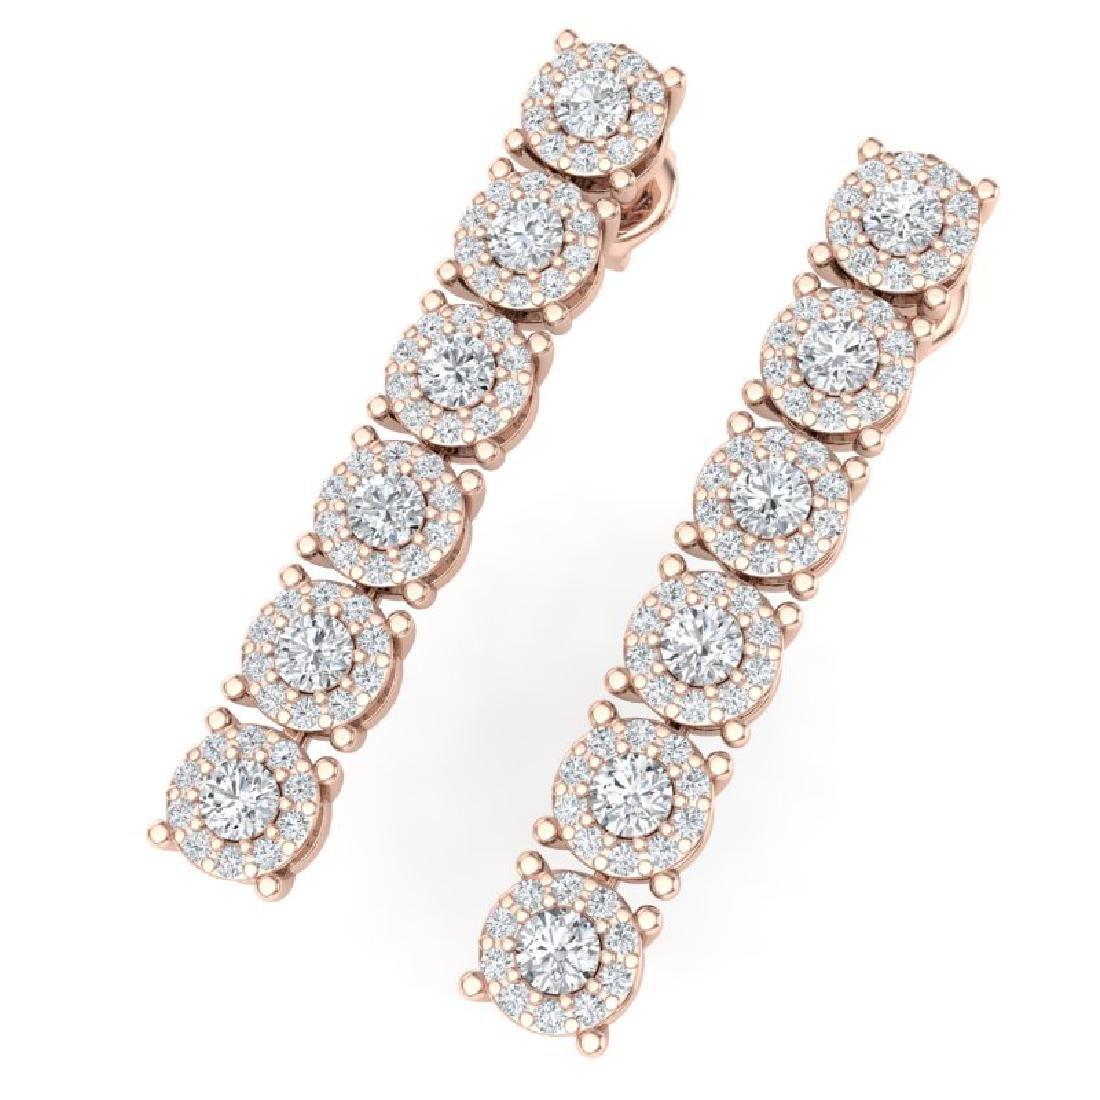 2 CTW Certified SI/I Diamond Halo Earrings 18K Rose